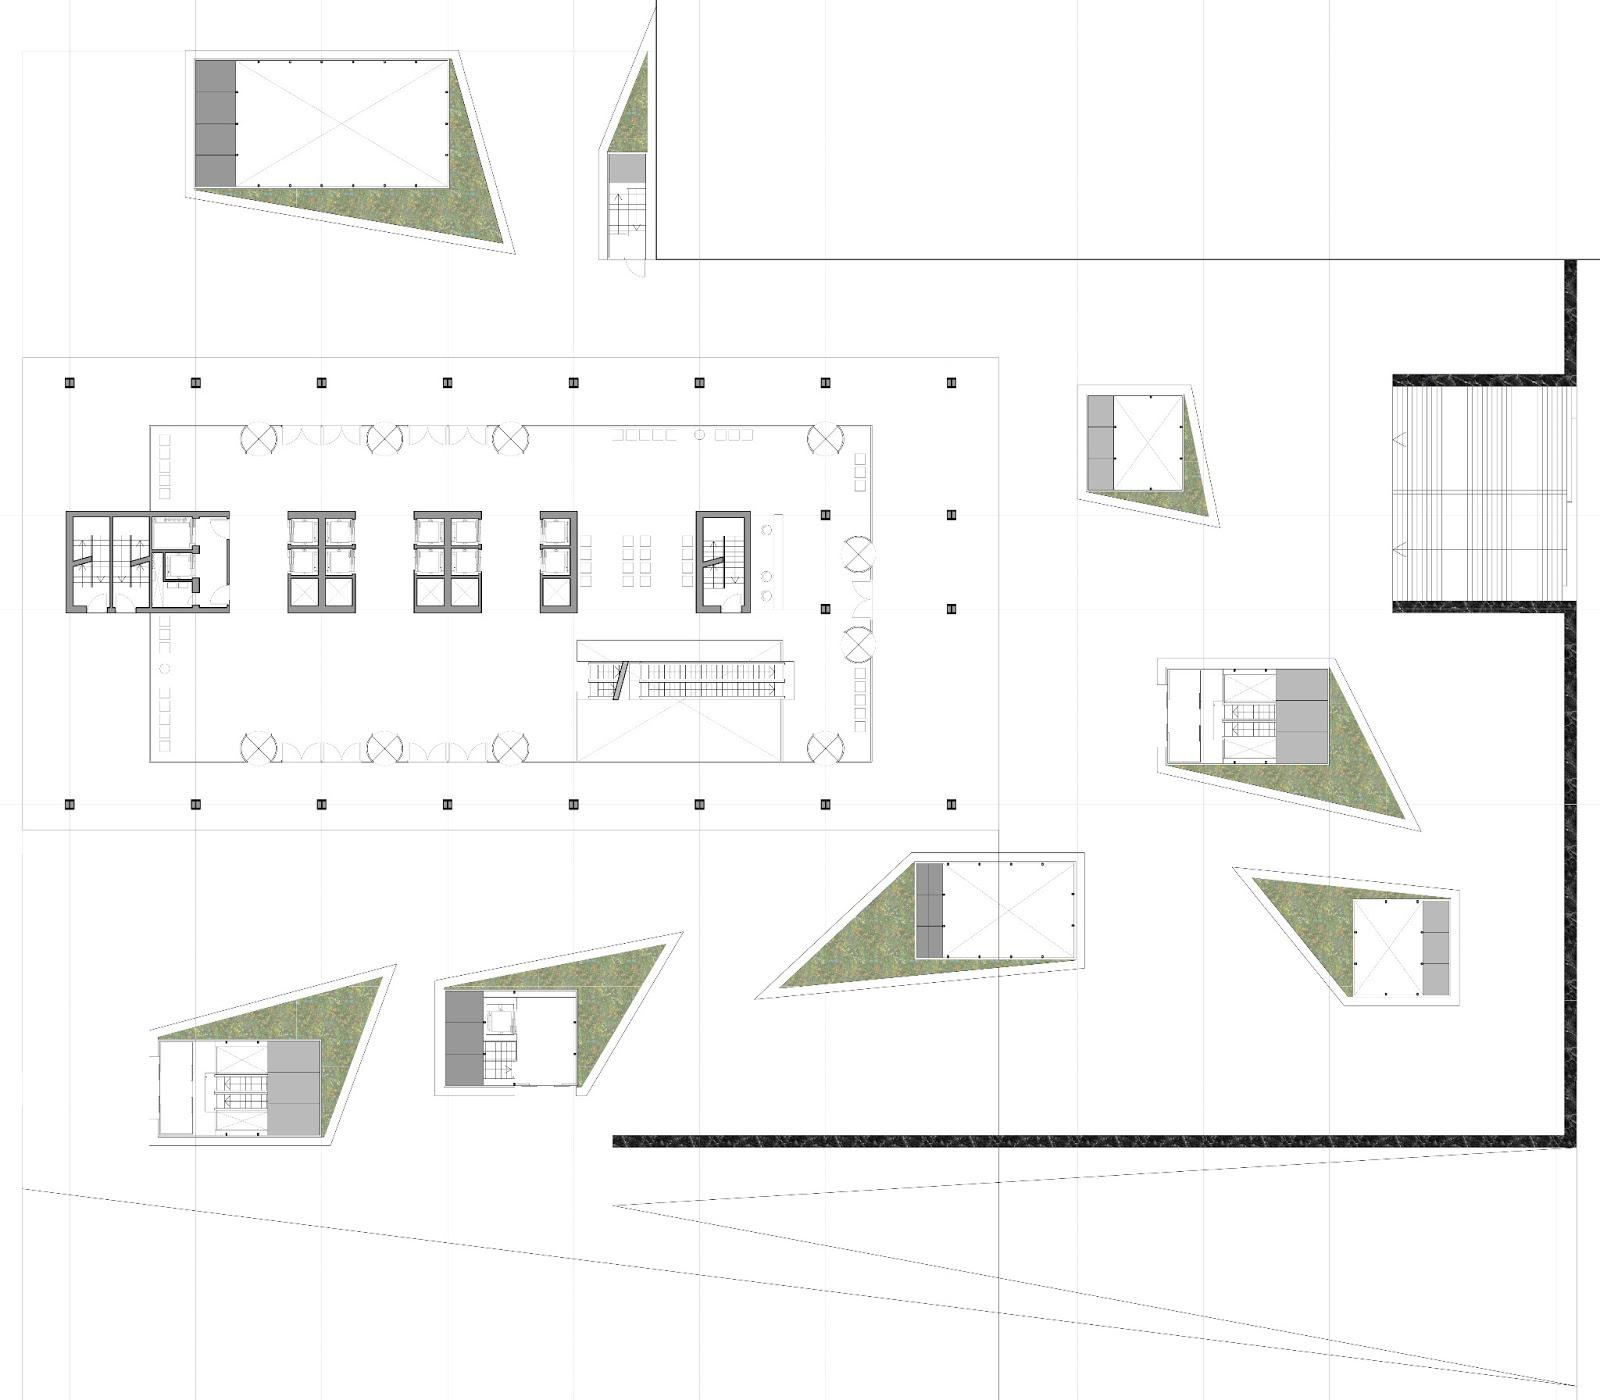 Giovanni olcese edificio de viviendas oficinas y - Planta baja en ingles ...